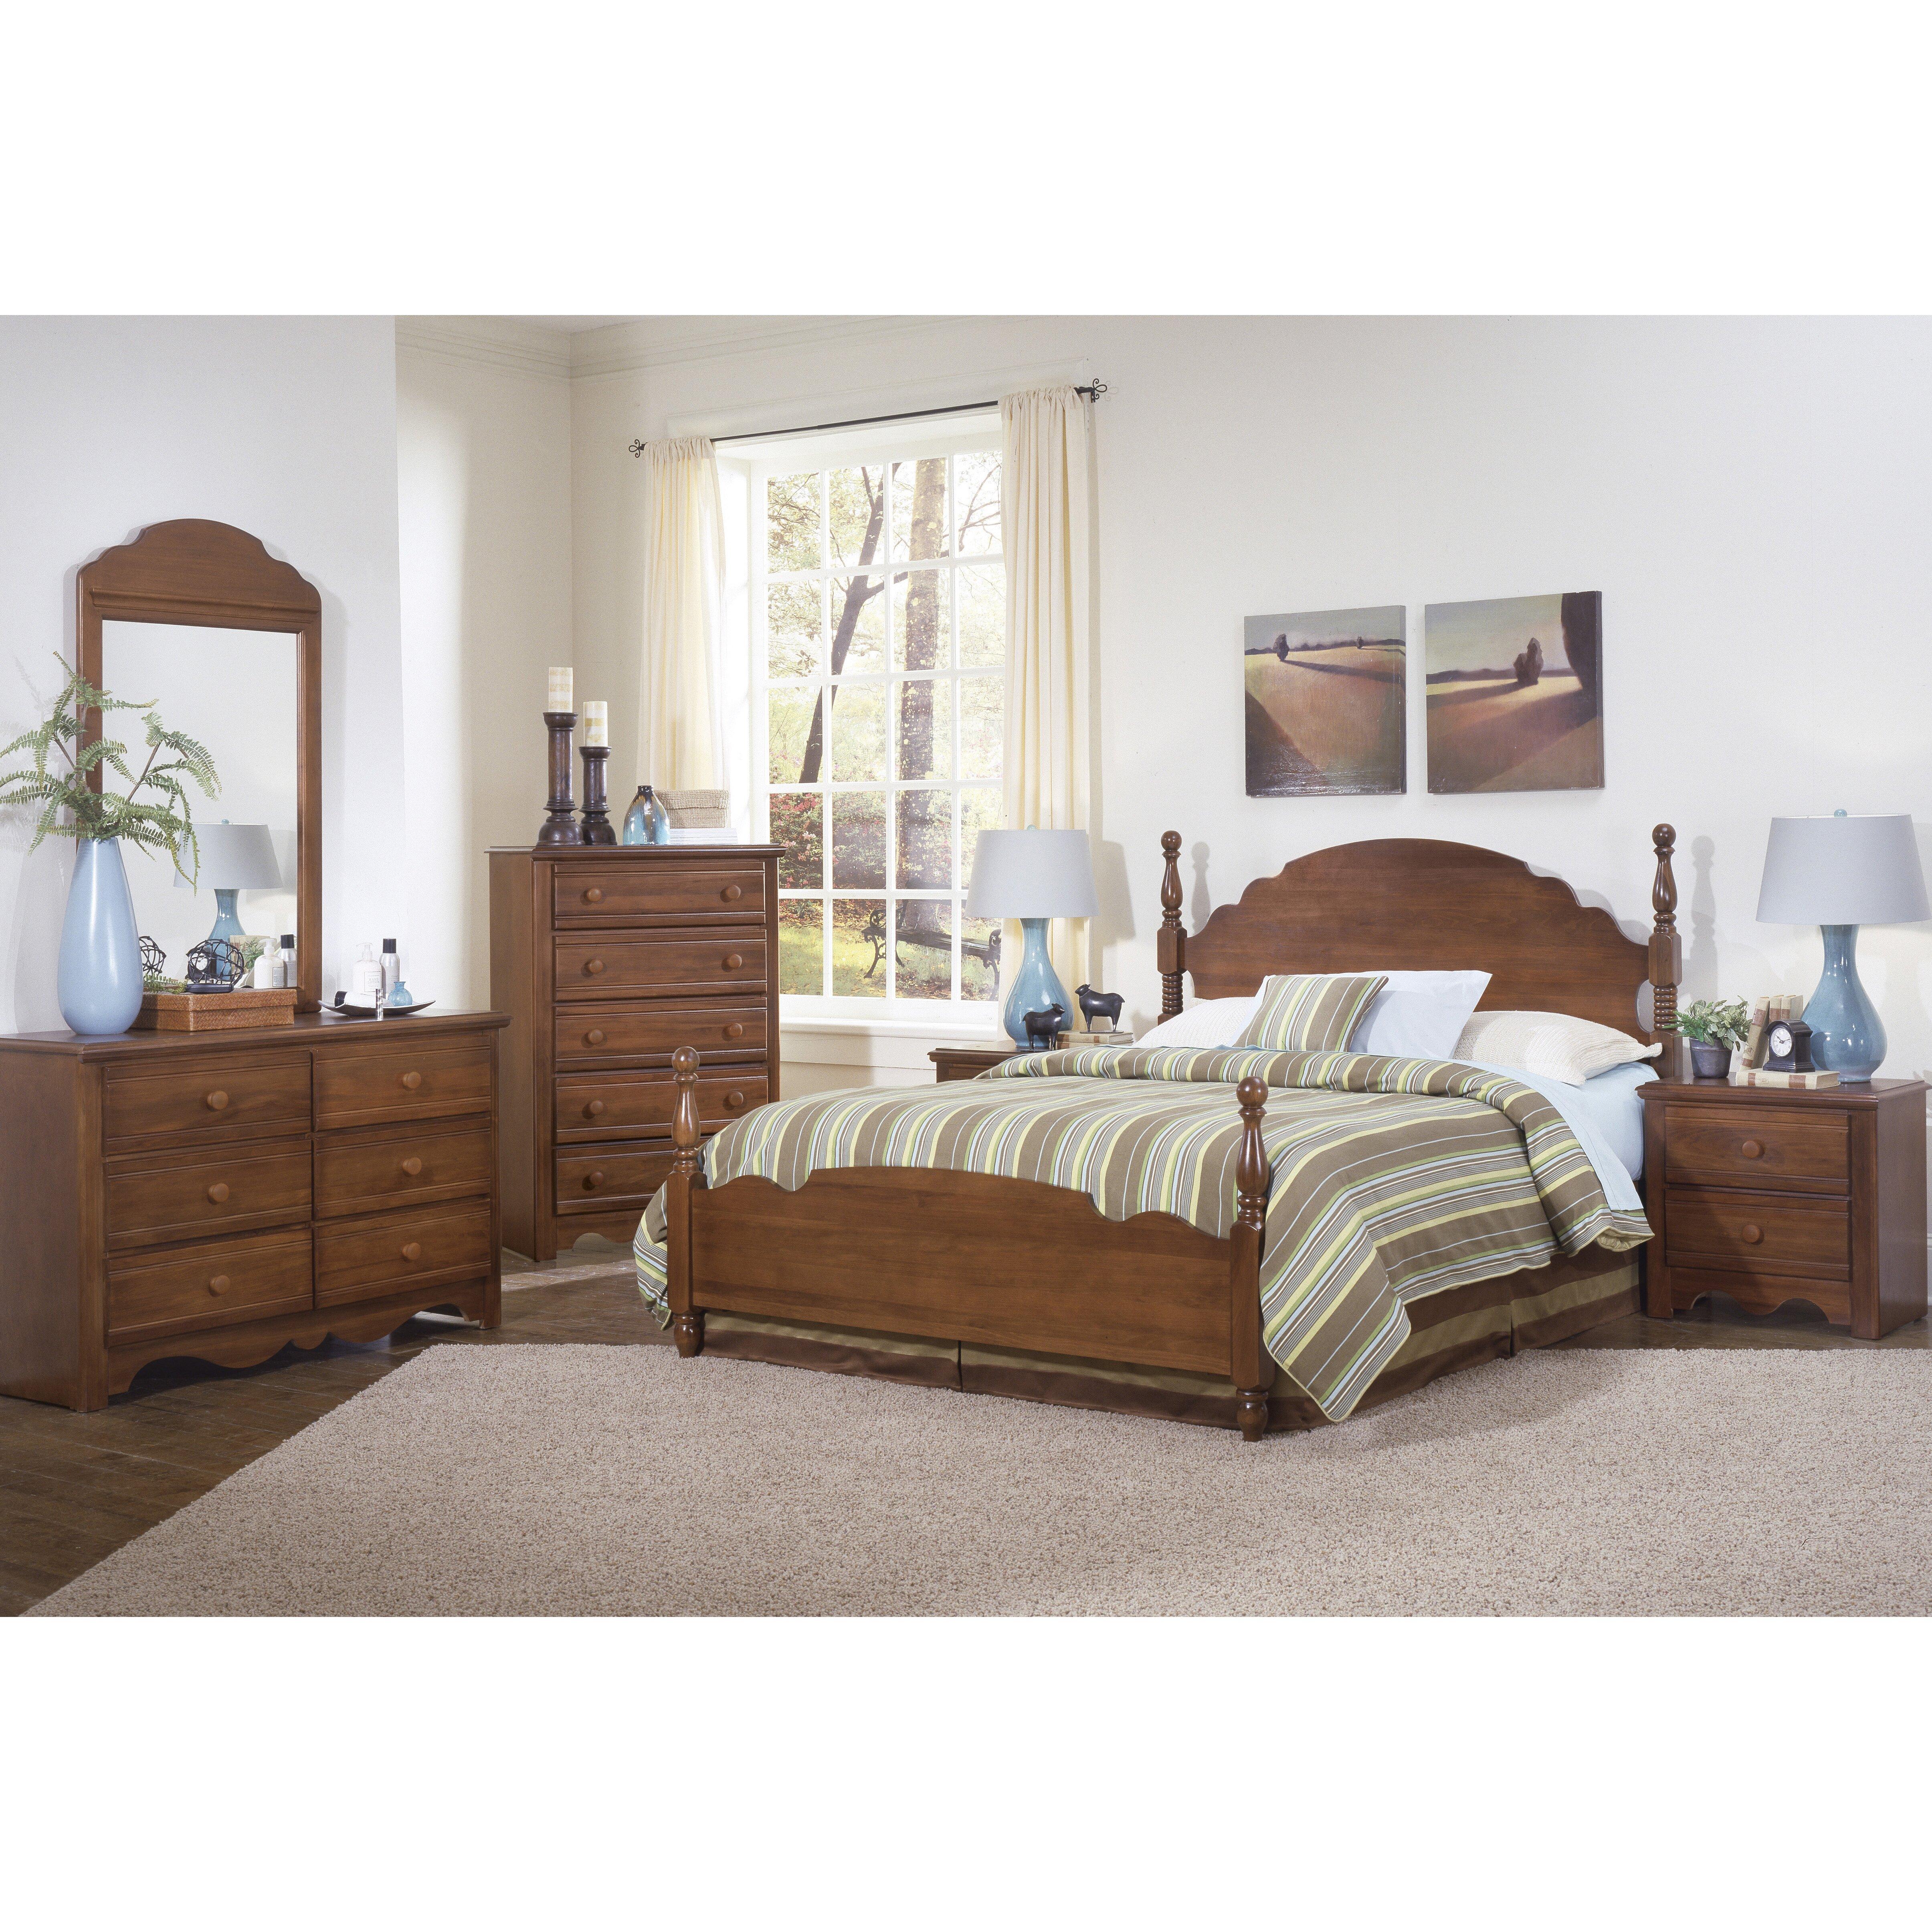 Carolina Furniture Works Inc Crossroads Panel Customizable Bedroom Set Reviews Wayfair